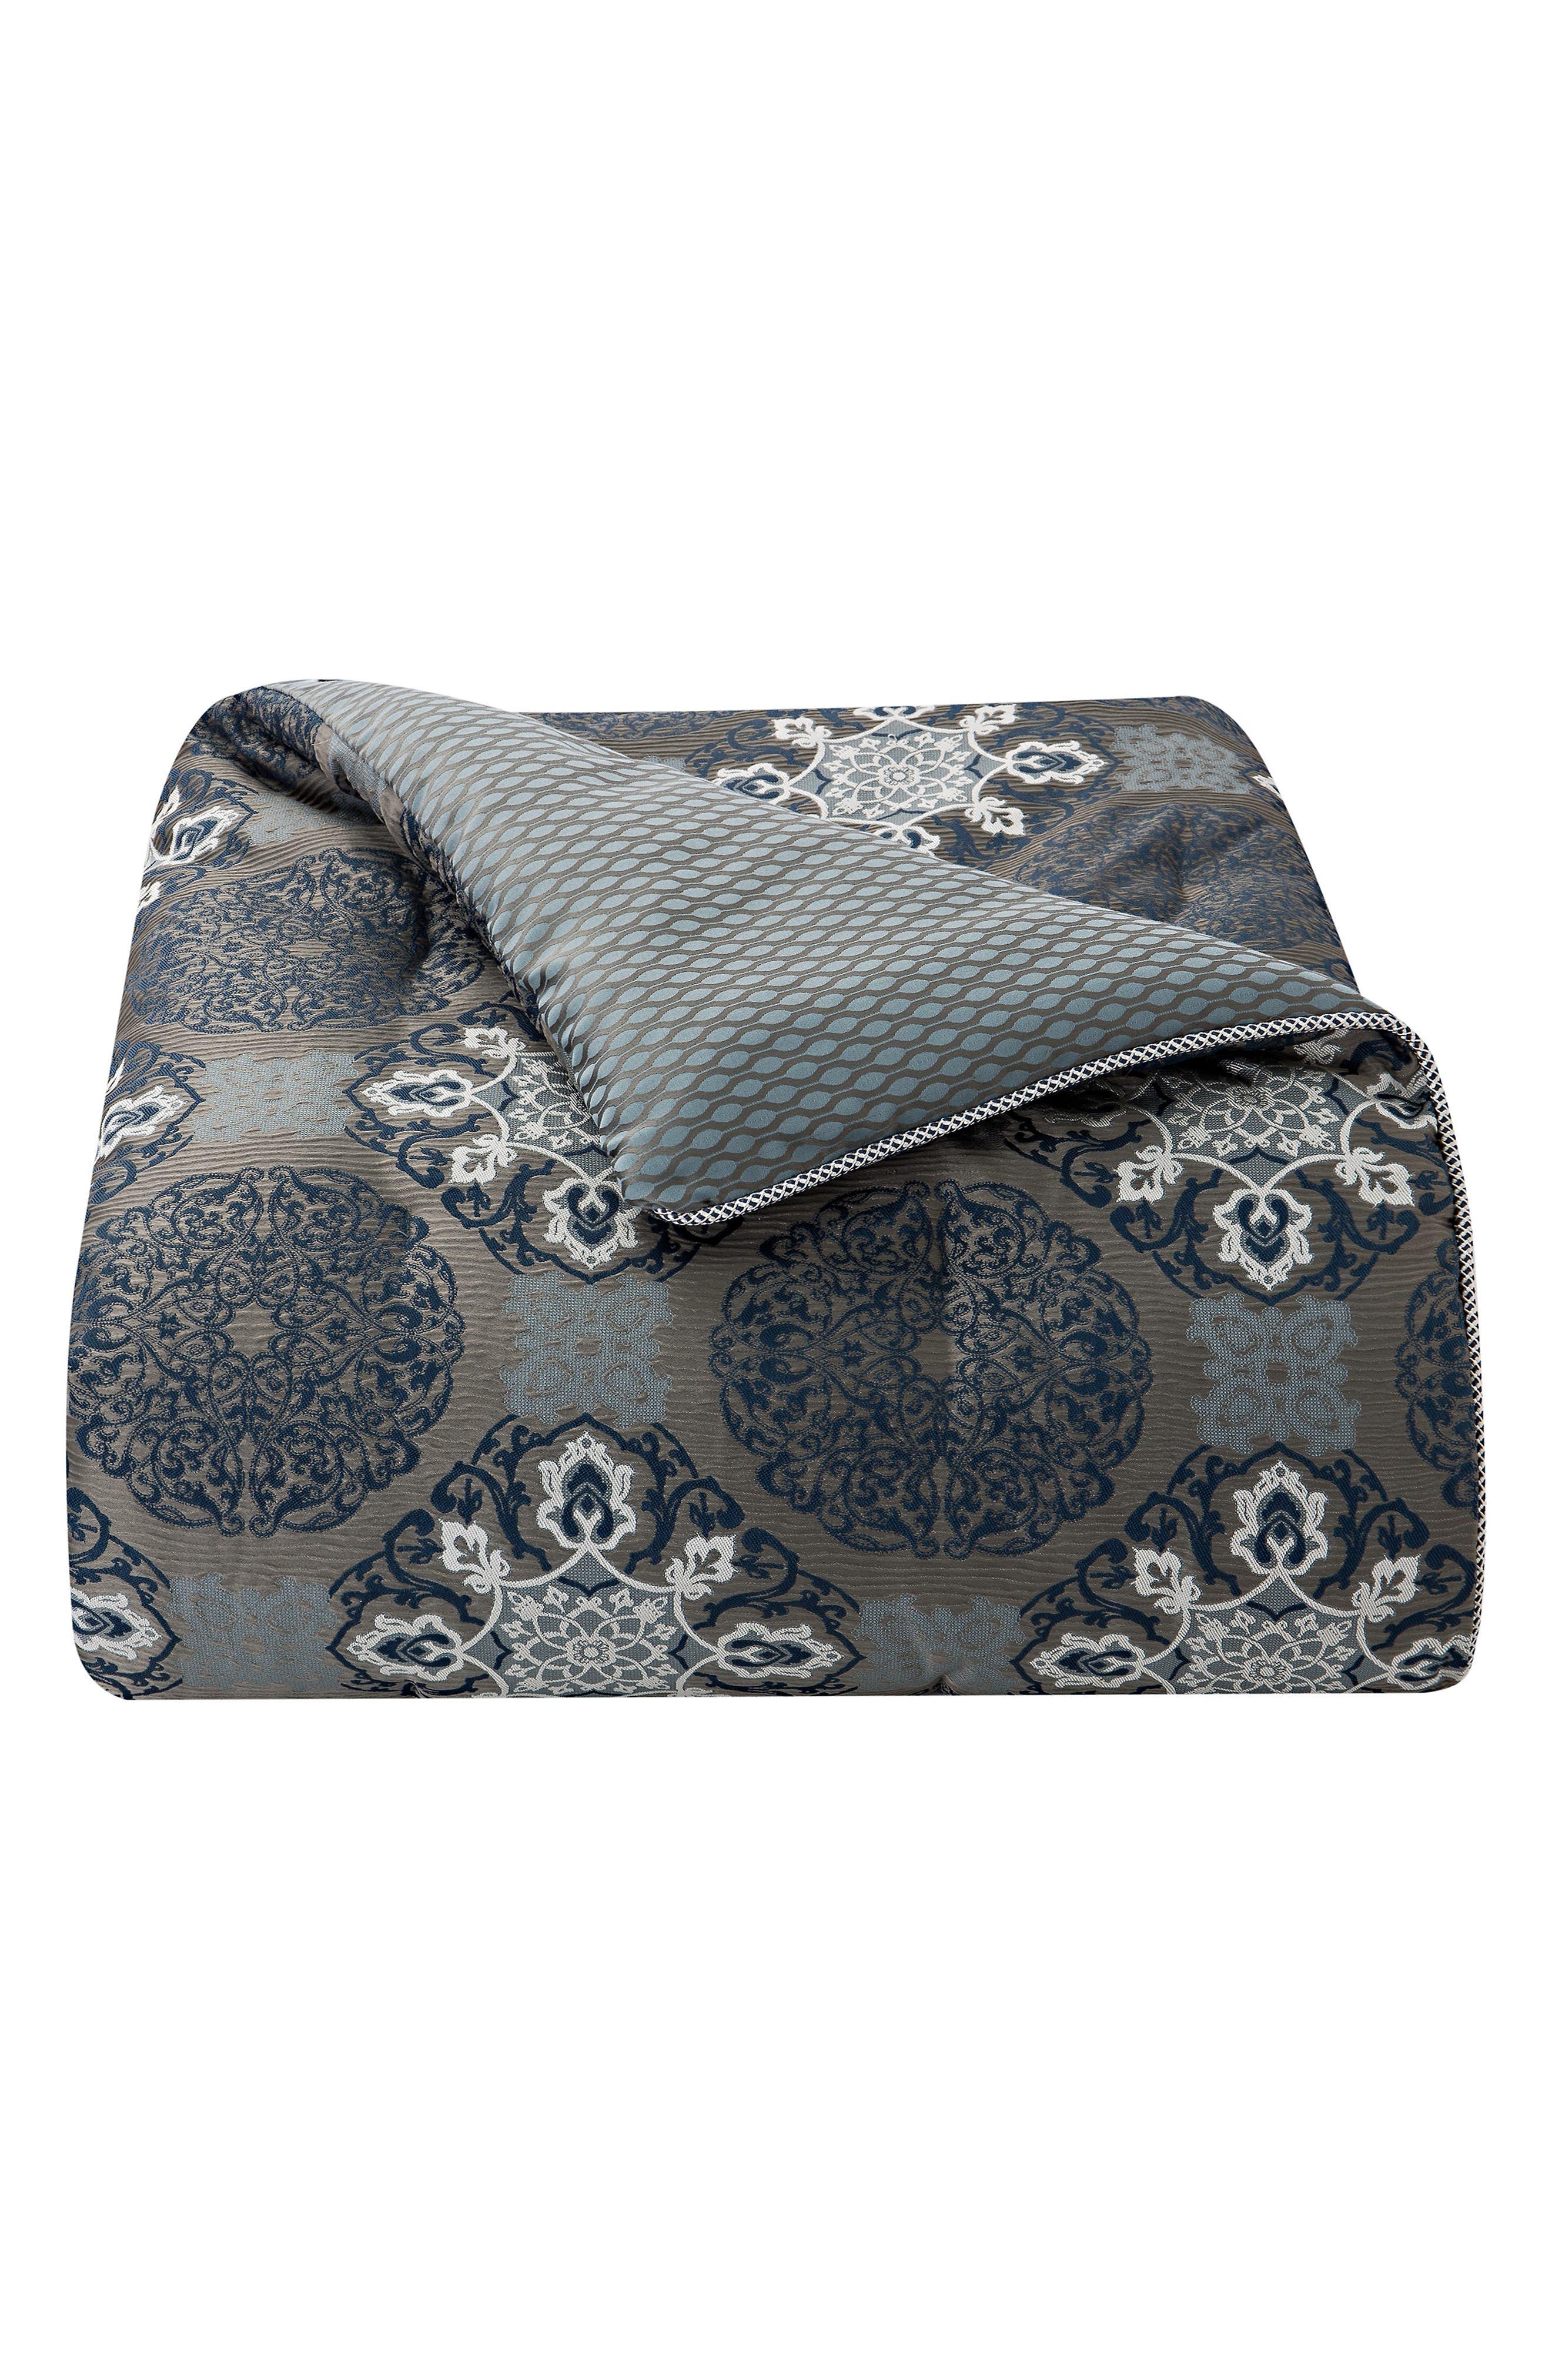 WATERFORD, Jonet Reversible Comforter, Sham & Bedskirt Set, Alternate thumbnail 5, color, INDIGO